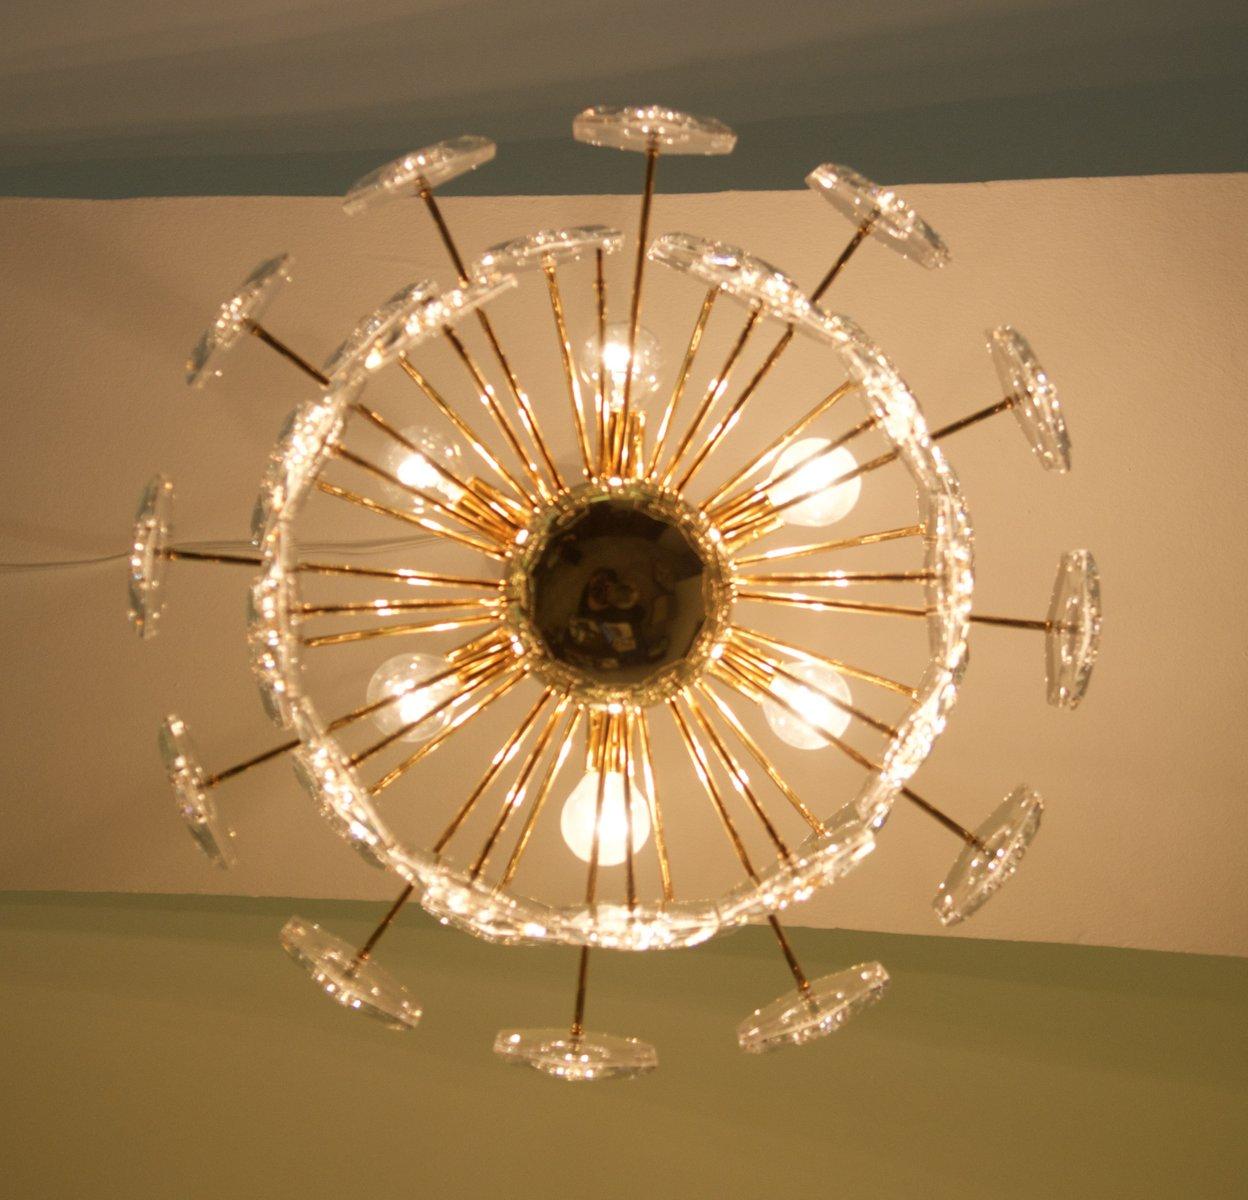 sechseckiger kinkeldey glas kronleuchter bei pamono kaufen. Black Bedroom Furniture Sets. Home Design Ideas